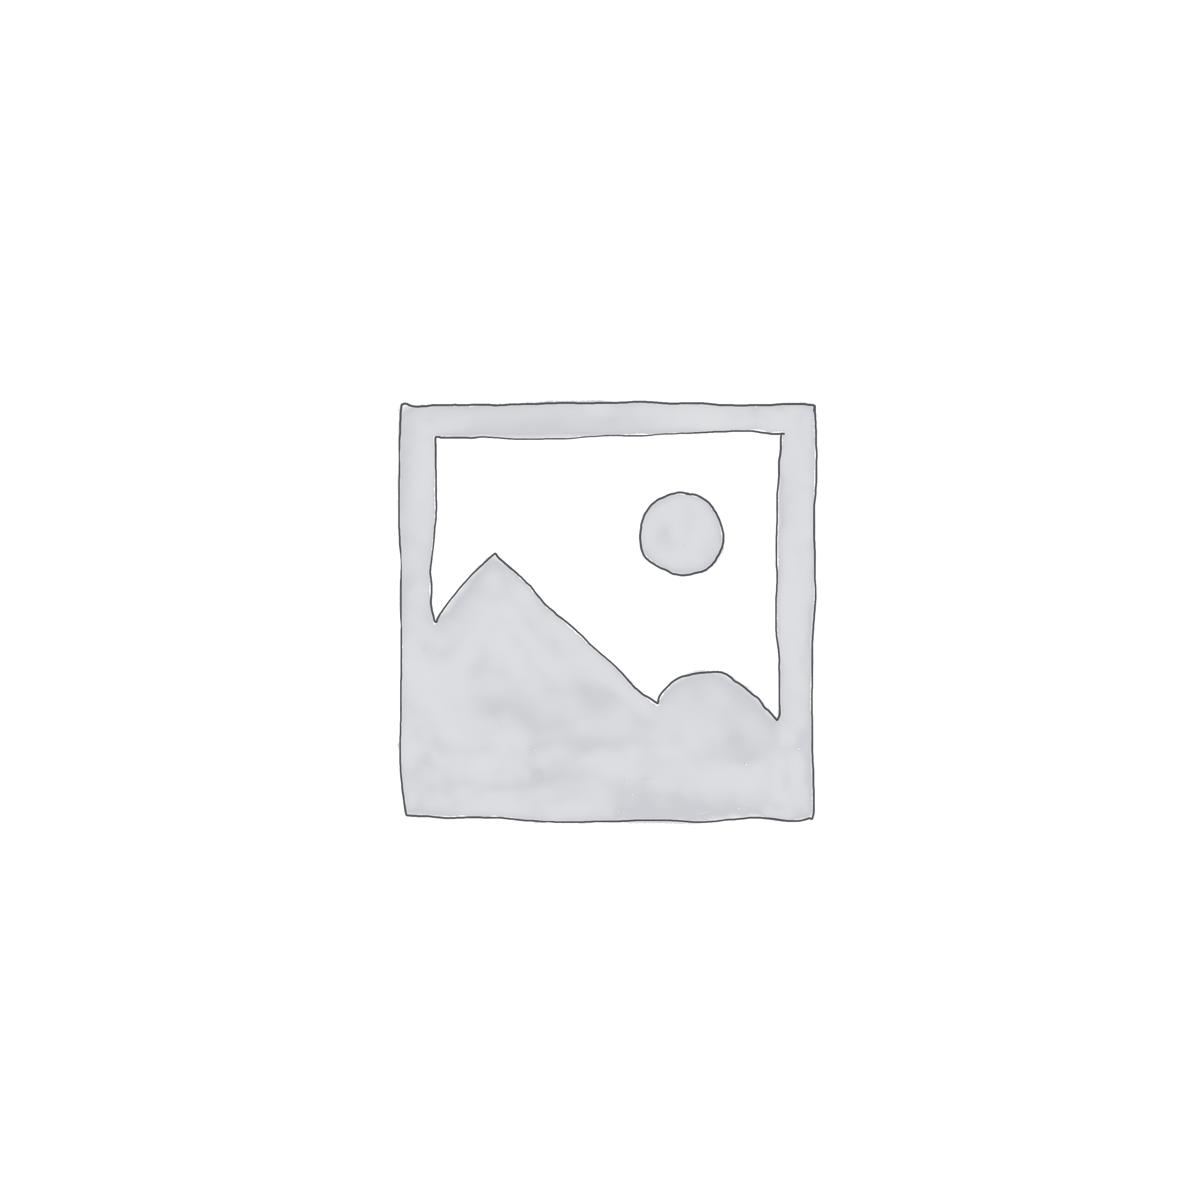 TIỂU CẢNH BAN CÔNG, SÂN VƯỜN